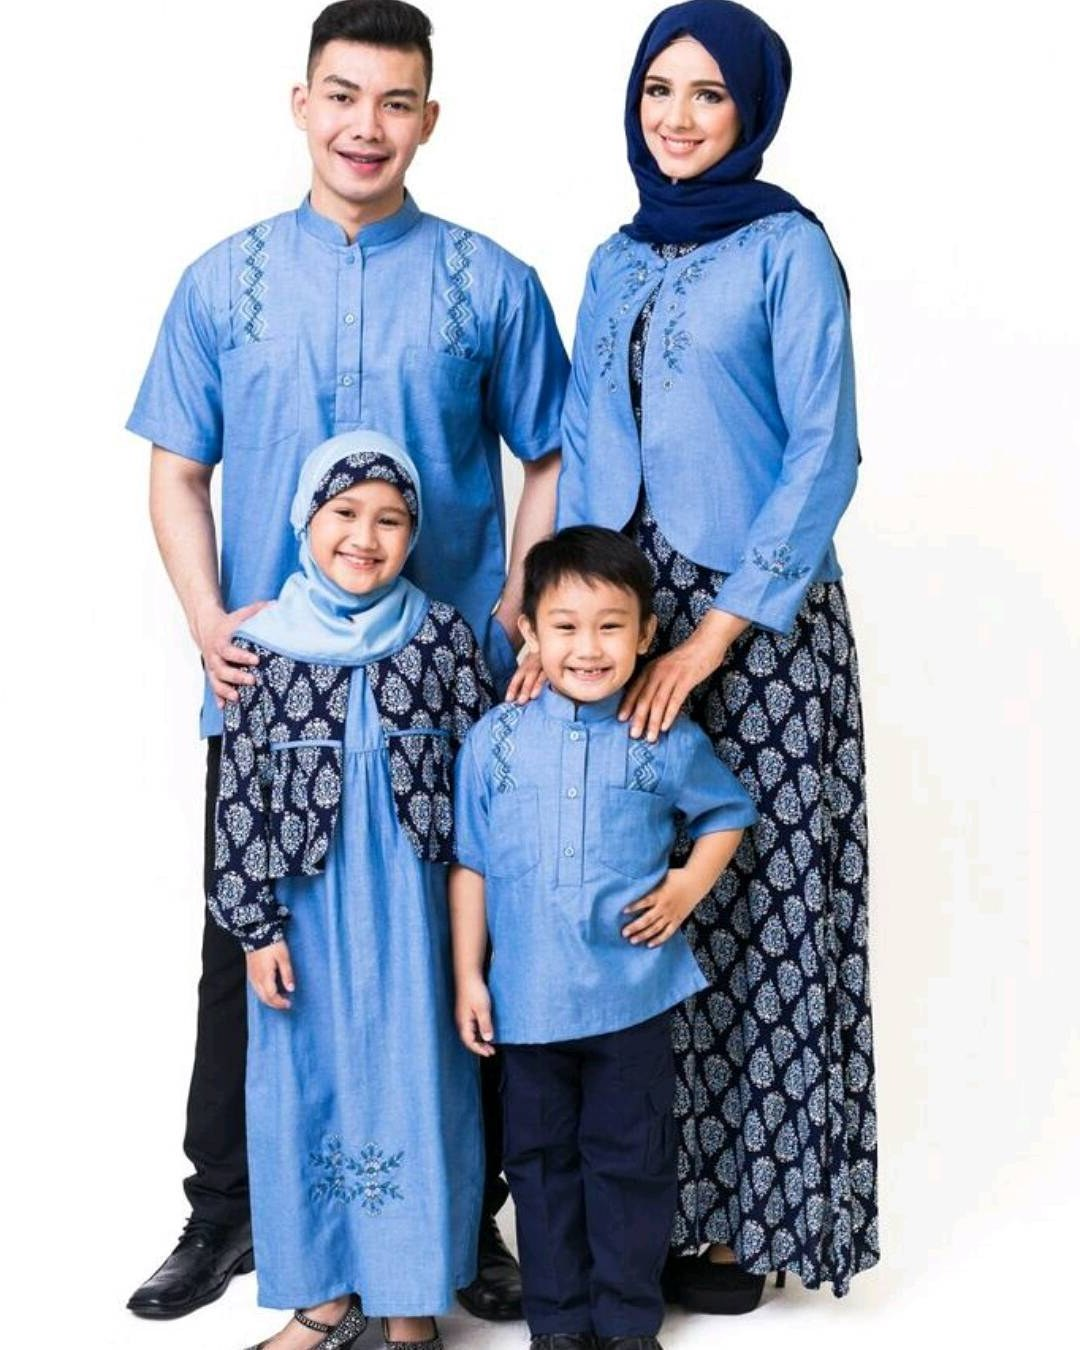 Bentuk Baju Lebaran Keluarga 2018 9ddf Model Baju Keluarga Untuk Hari Raya Lebaran 2018